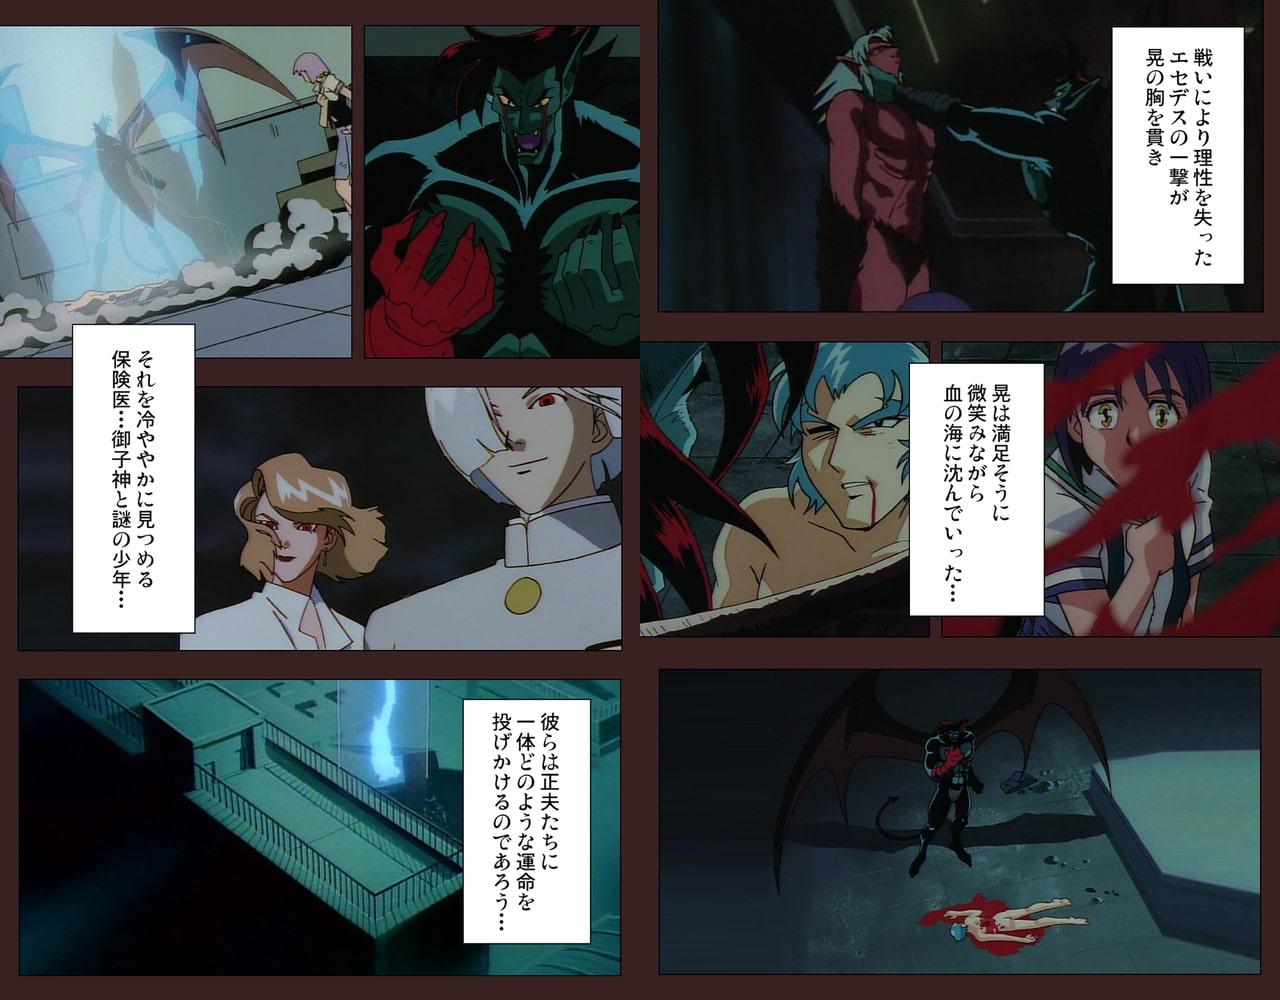 【フルカラー成人版】外道学園 3 Complete版